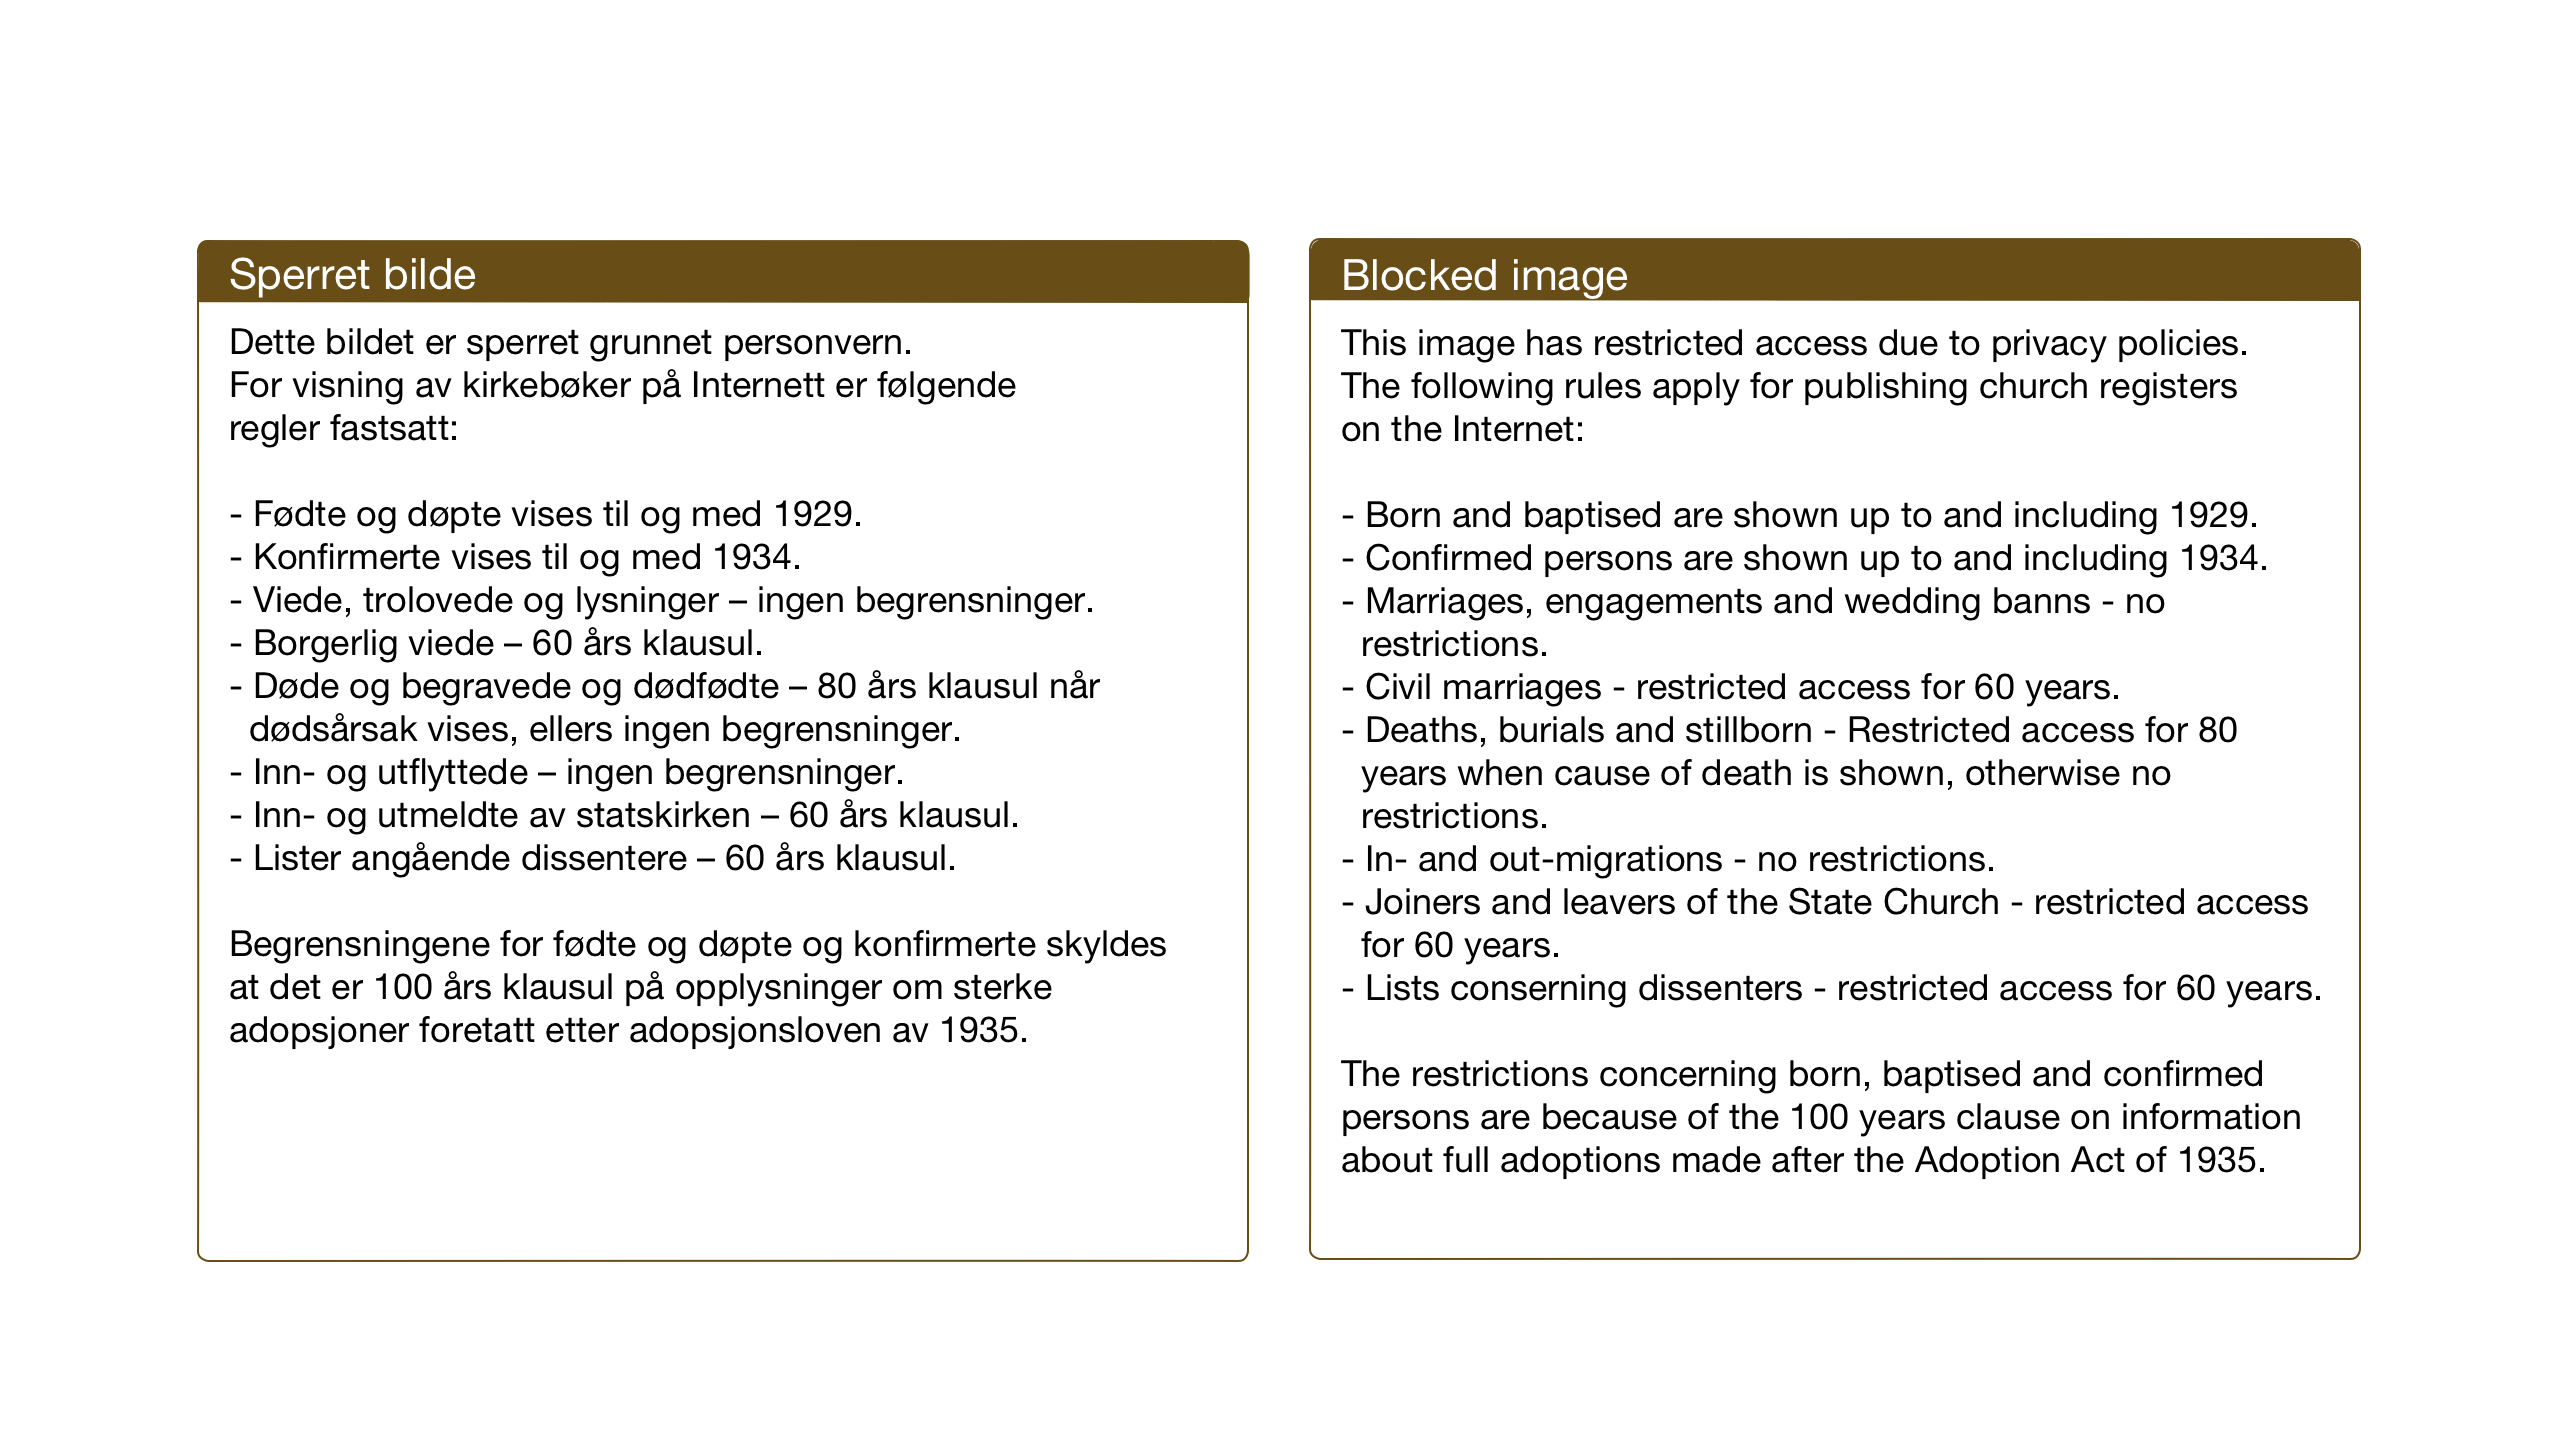 SAT, Ministerialprotokoller, klokkerbøker og fødselsregistre - Sør-Trøndelag, 603/L0174: Klokkerbok nr. 603C02, 1923-1951, s. 228